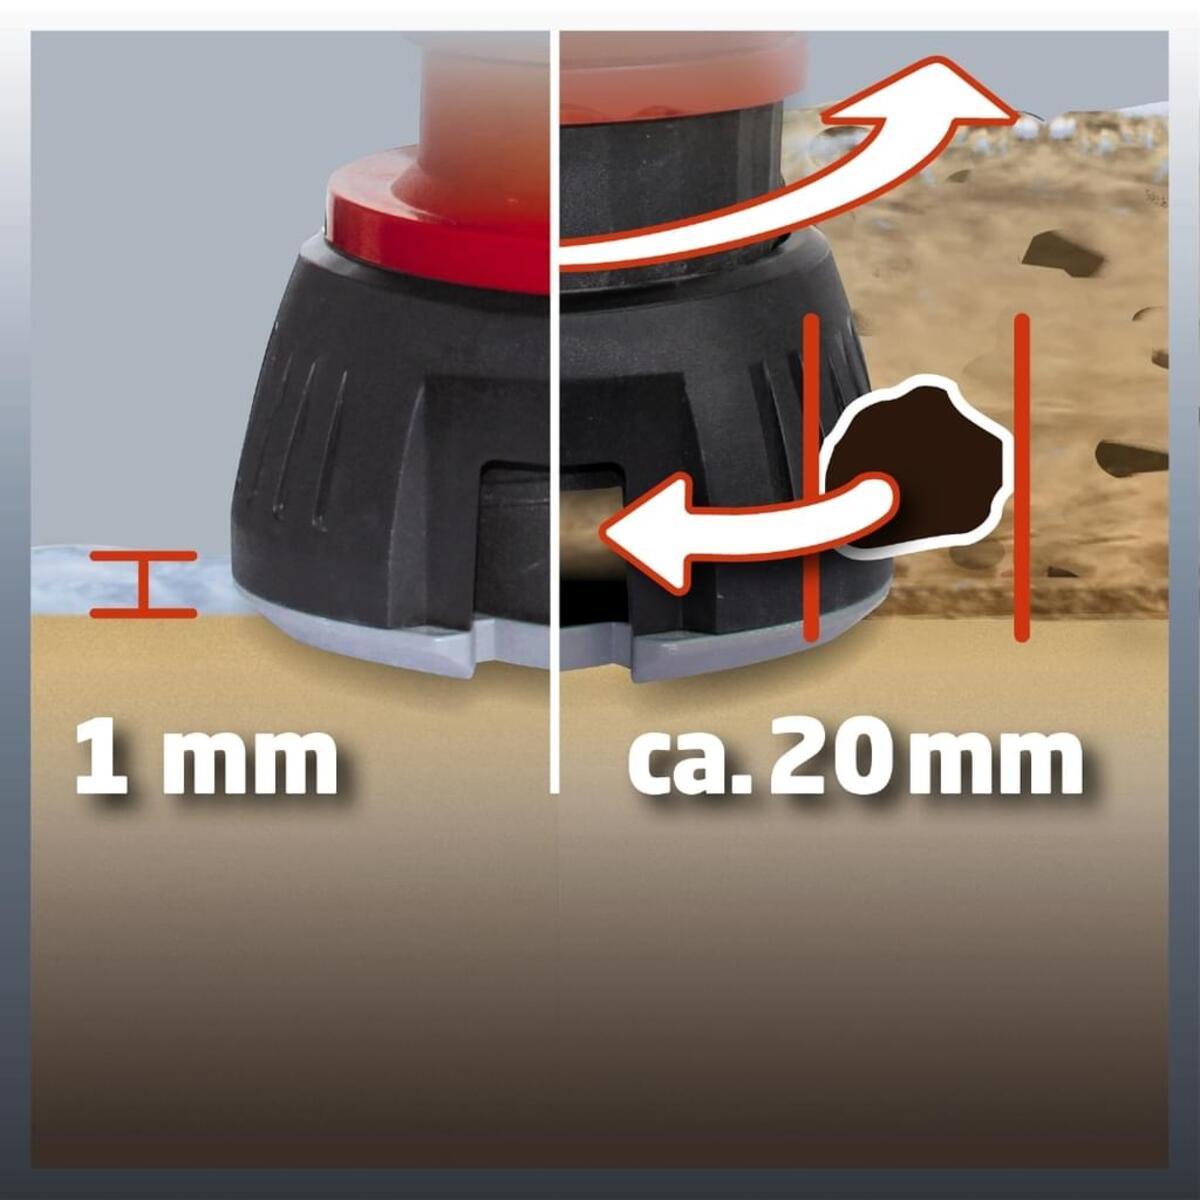 Bild 2 von Einhell Schmutzwasserpumpe GE-DP 5220 LL ECO, Leistung 520 Watt, Fördermenge max. 13500 l/h, 4170780